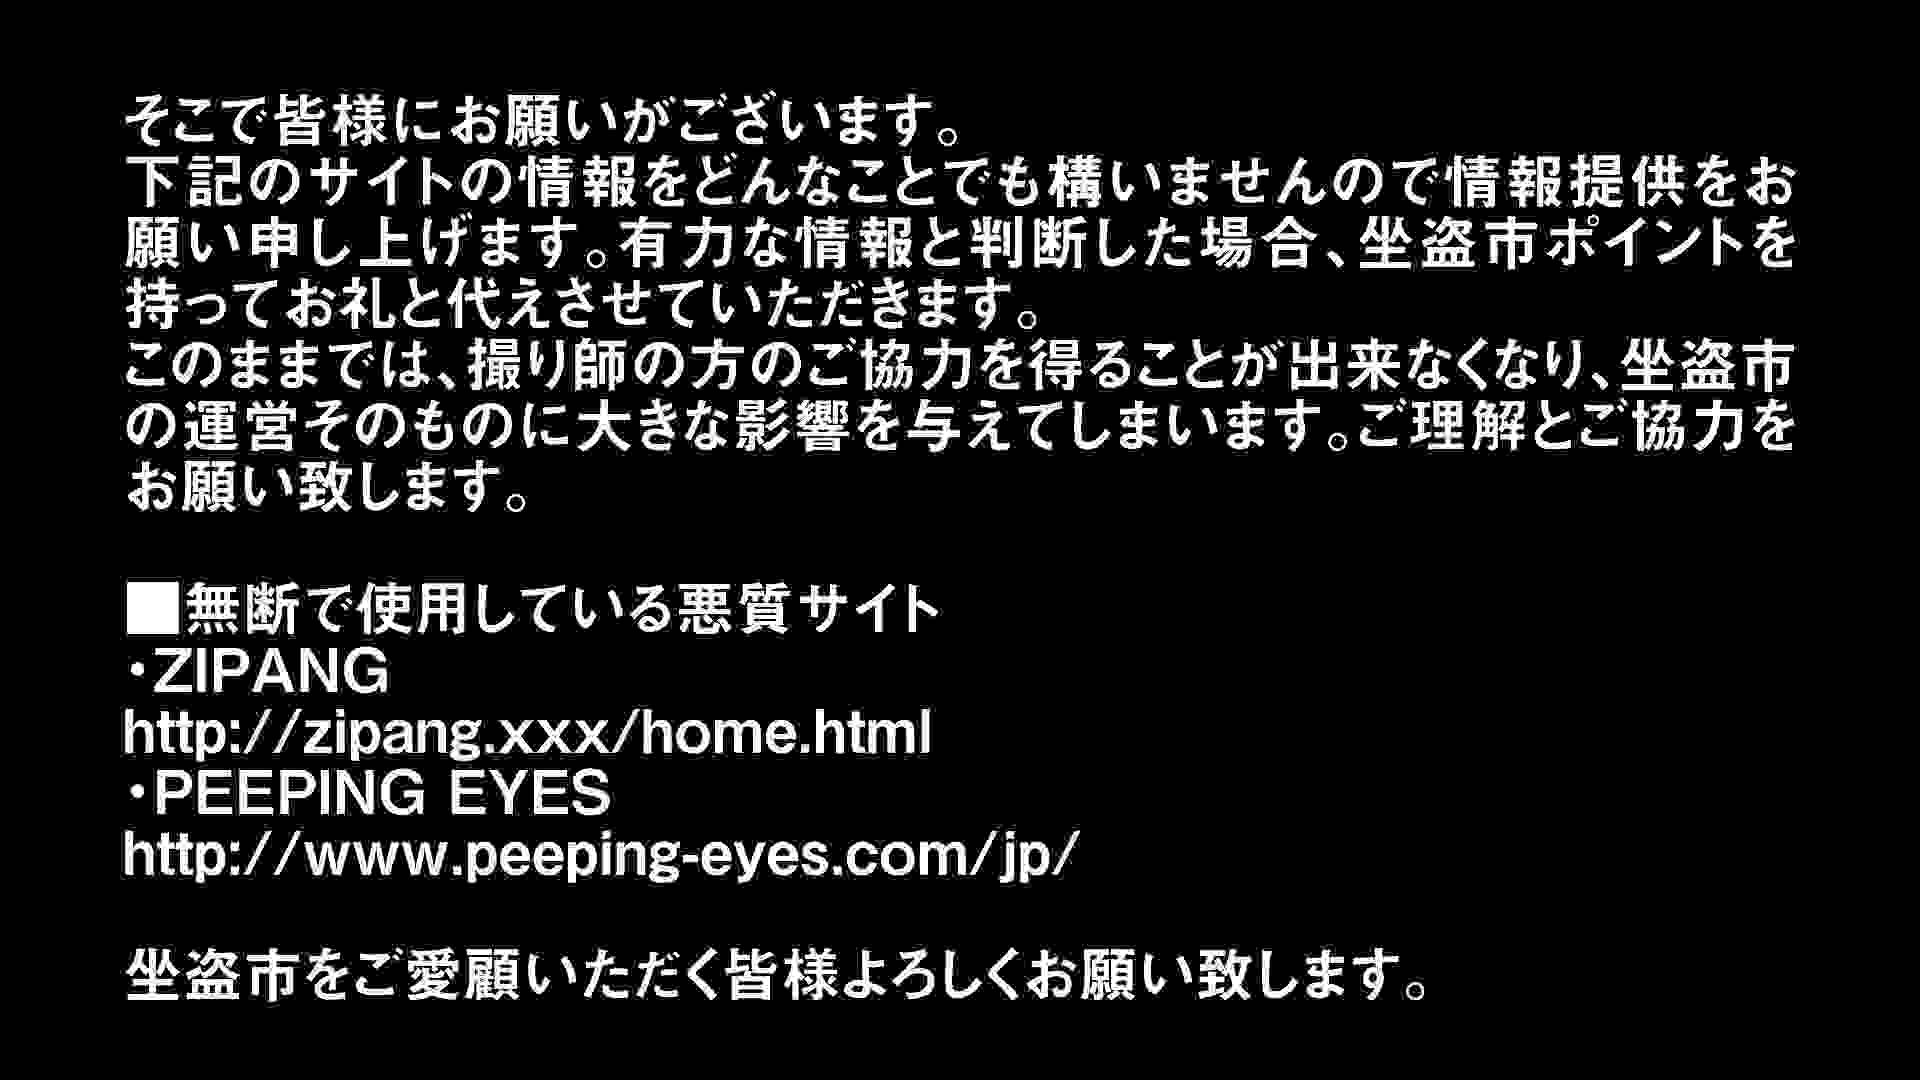 Aquaな露天風呂Vol.305 露天風呂  11枚 2